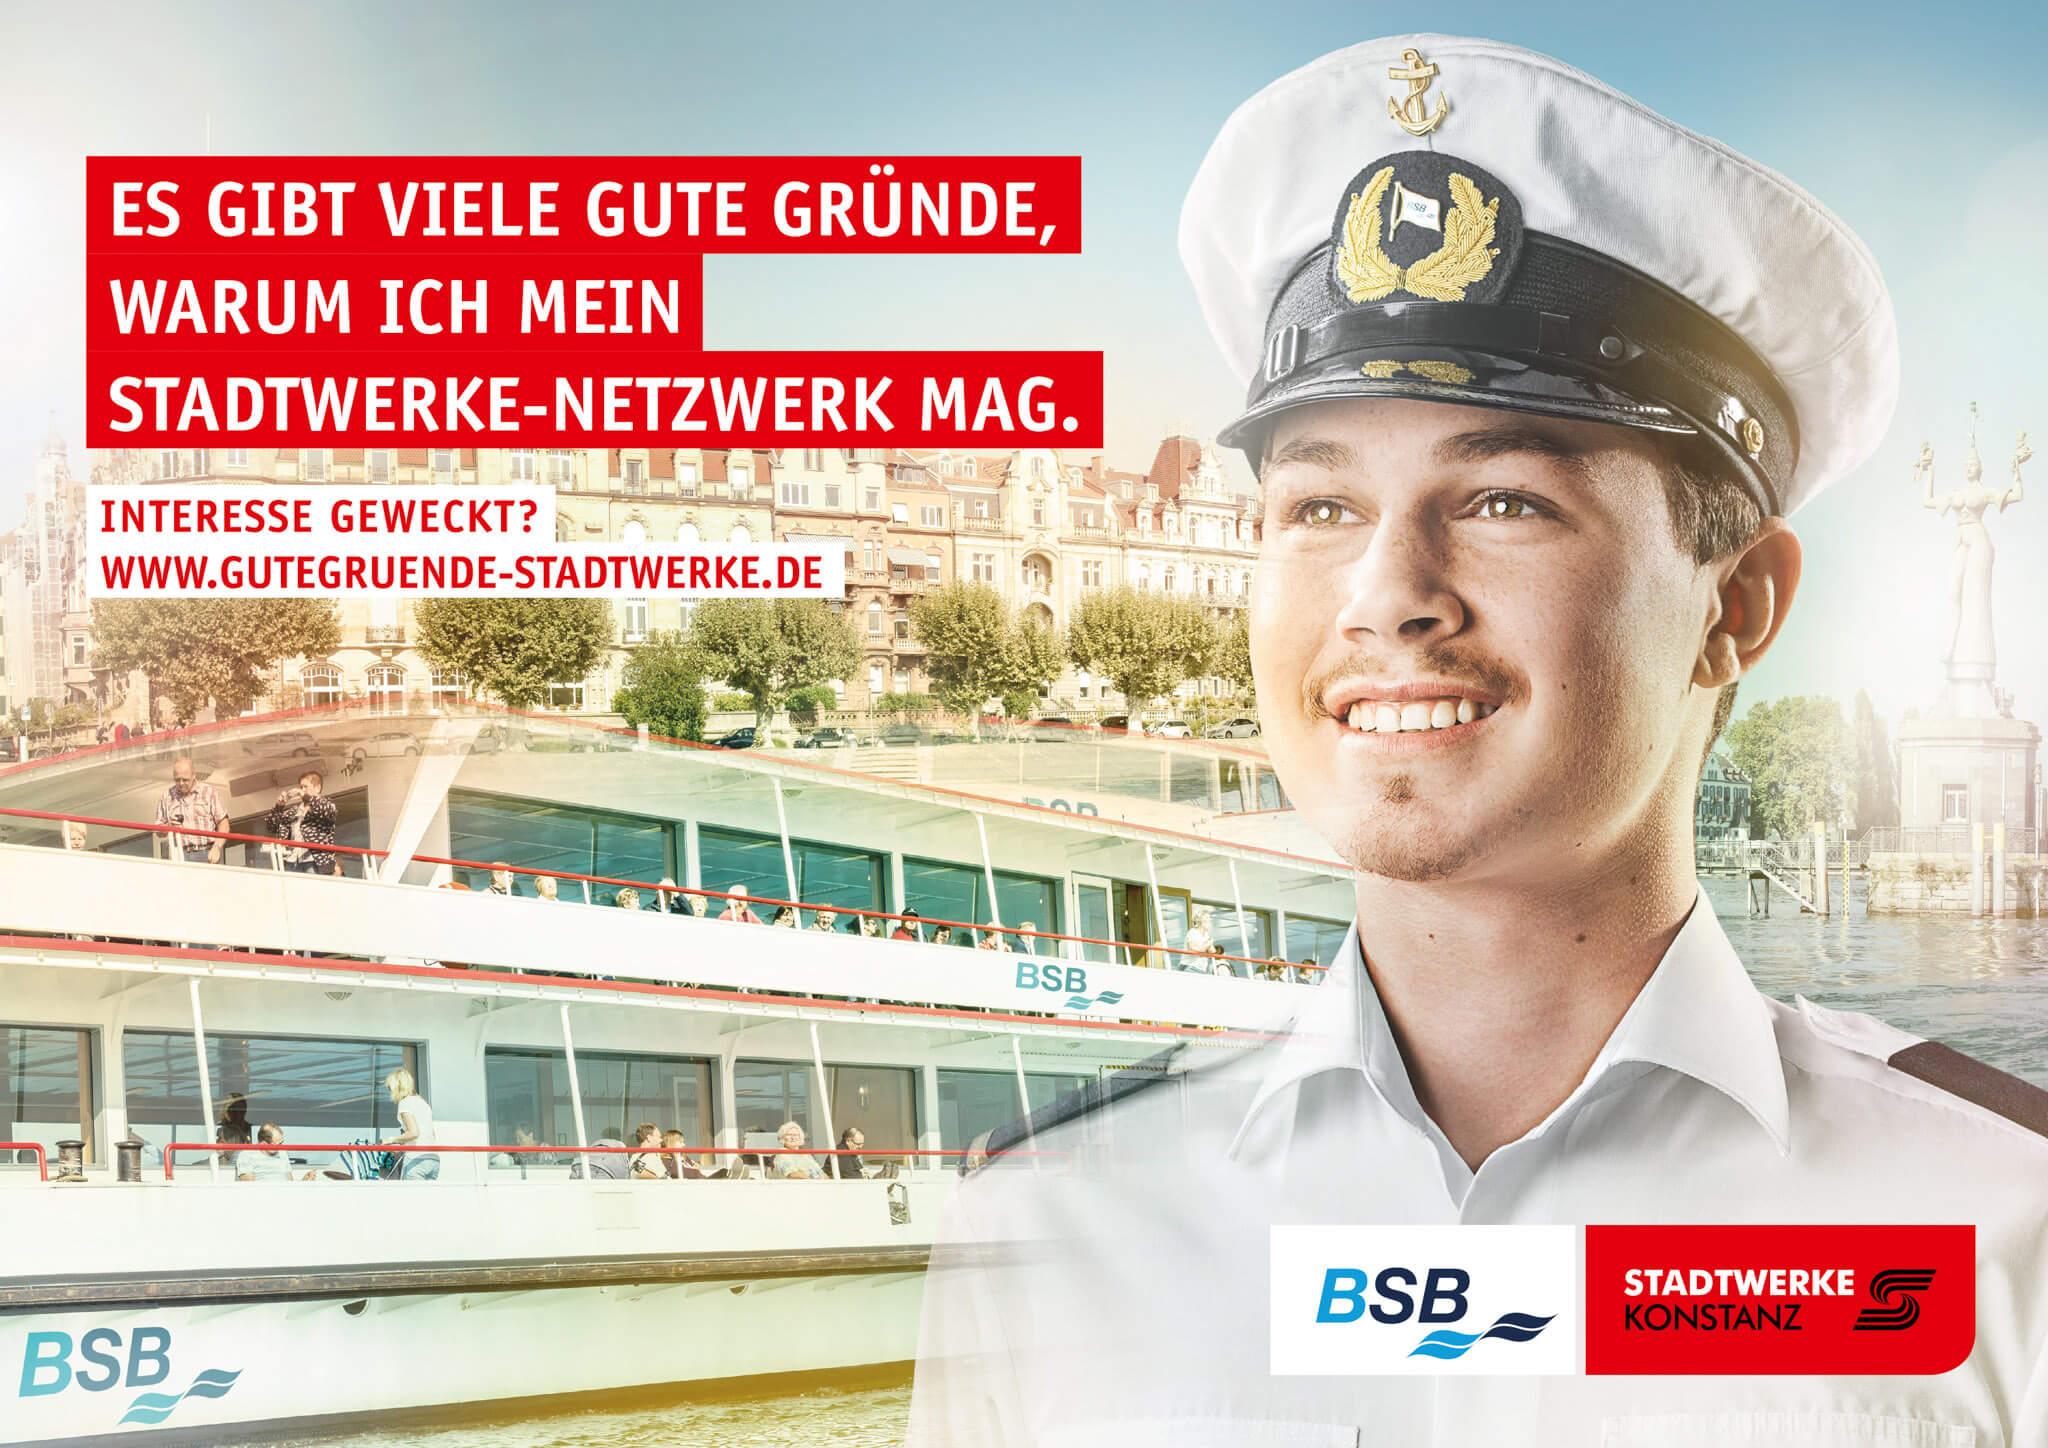 Arbeitgeberkampagene Stadtwerke Konstanz / BSB Fotograf: Bjørn Jansen